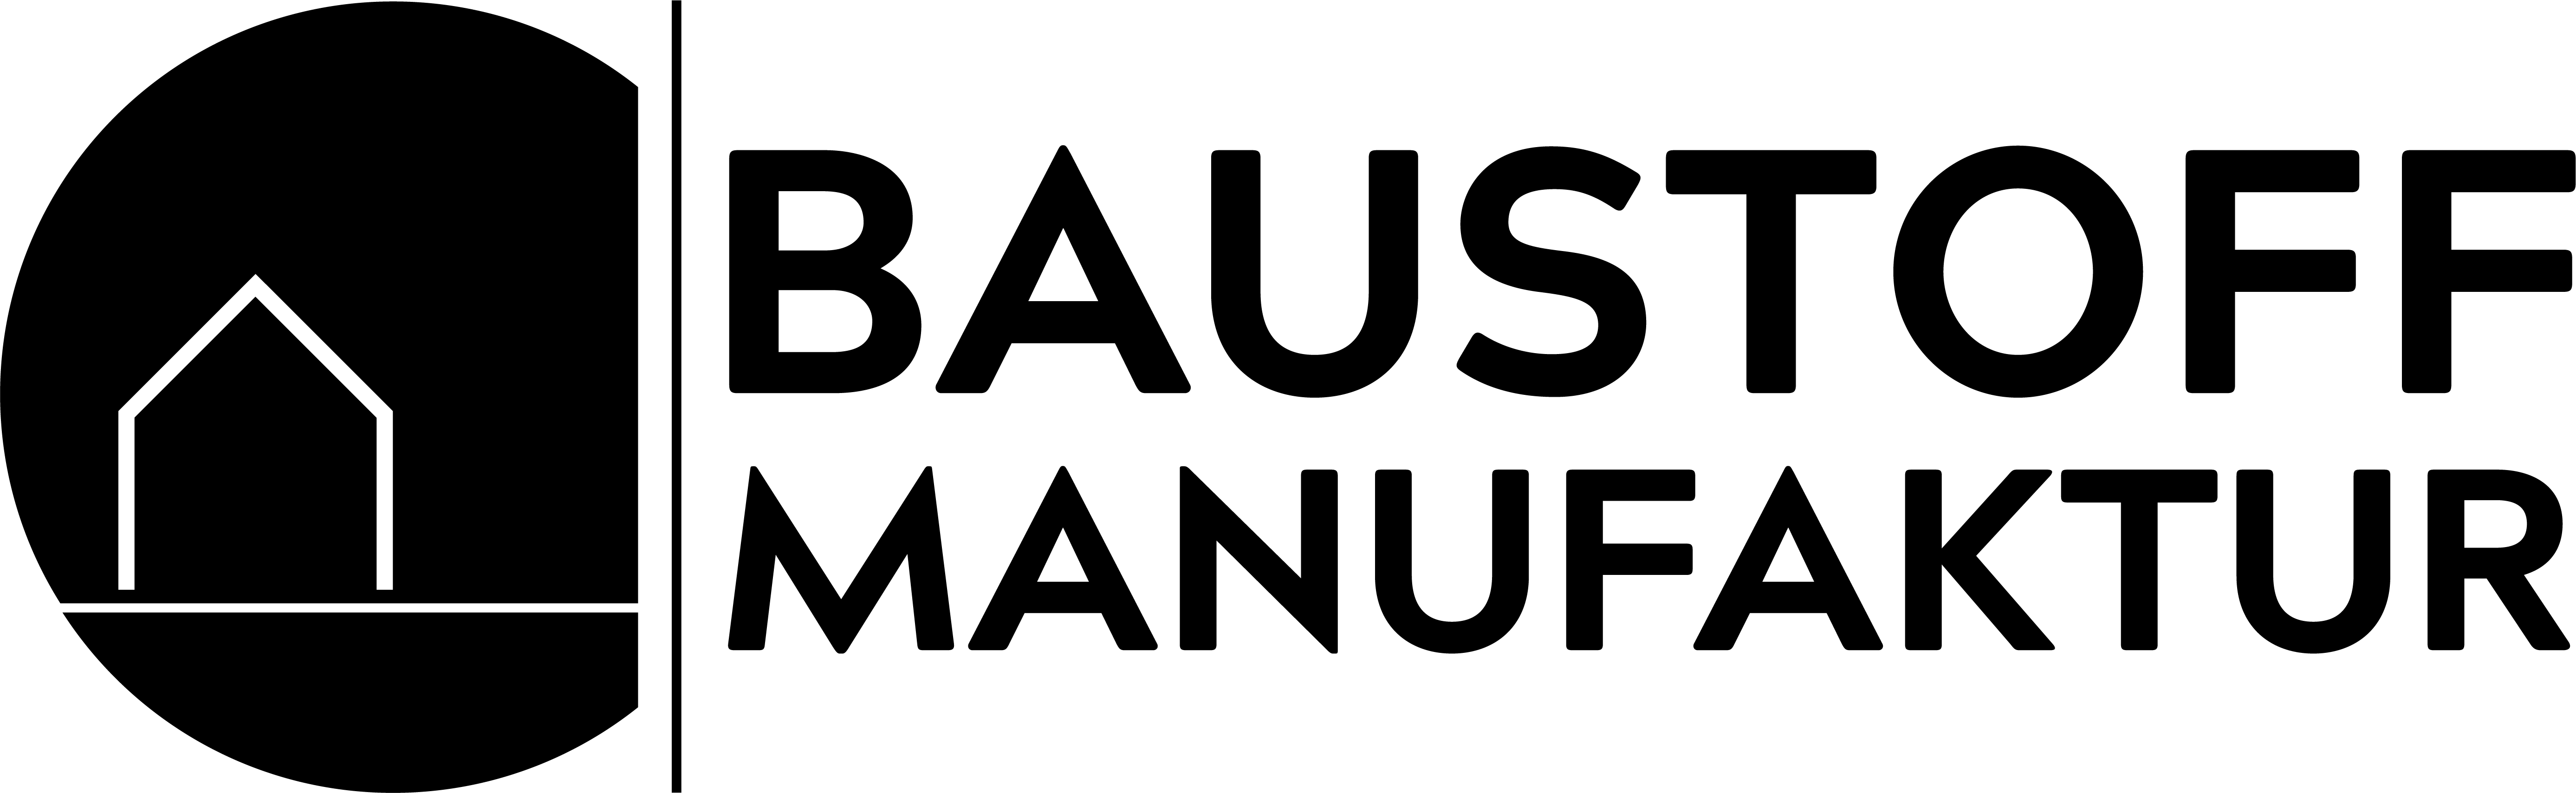 Baustoffmanufaktur steht für alte Baustoffe, Logo in schwarz